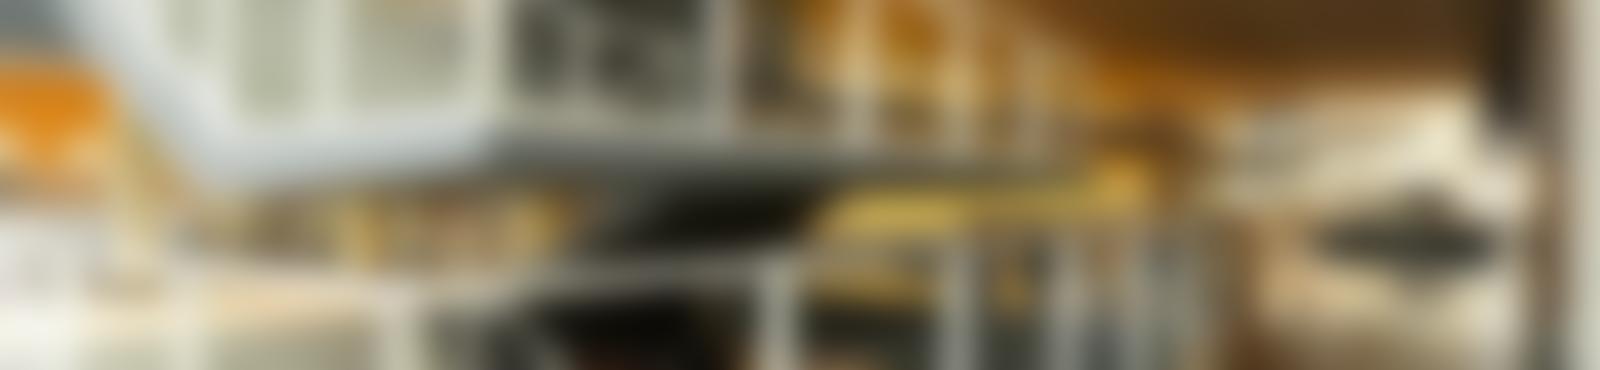 Blurred 83438901 db42 48d4 a0ec b5cb8dcf4d4b